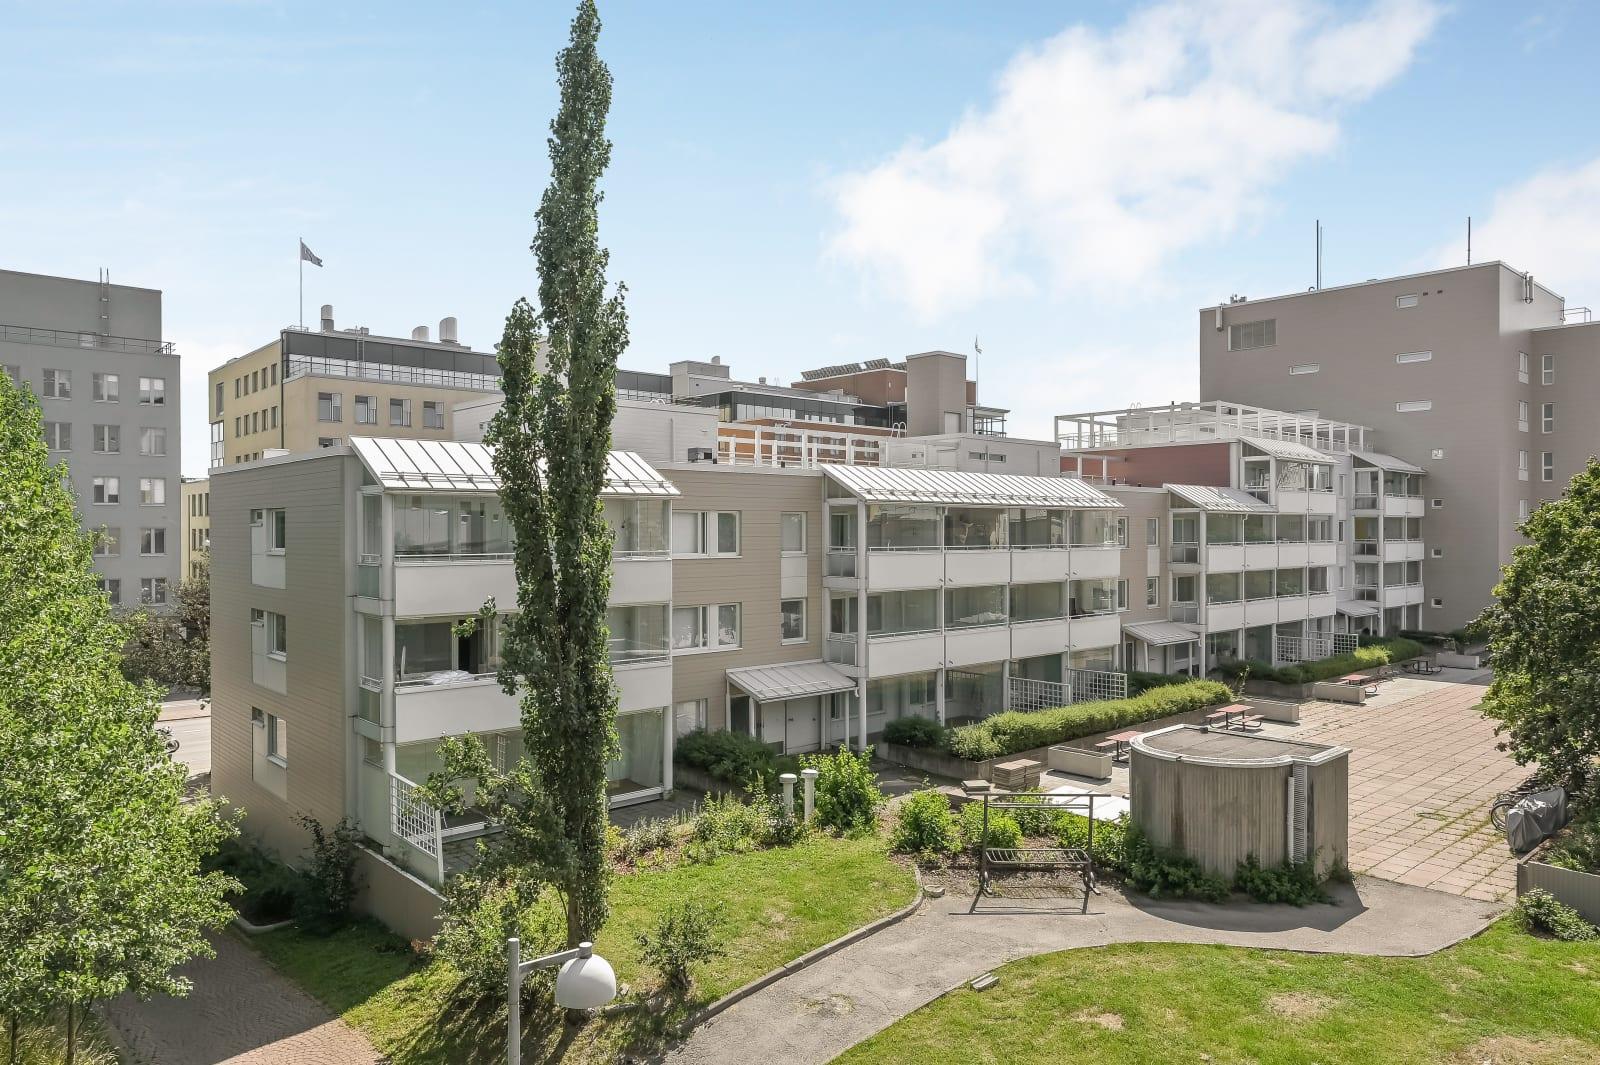 Helsinki, Pikku huopalahti, Korppaanmäentie 1